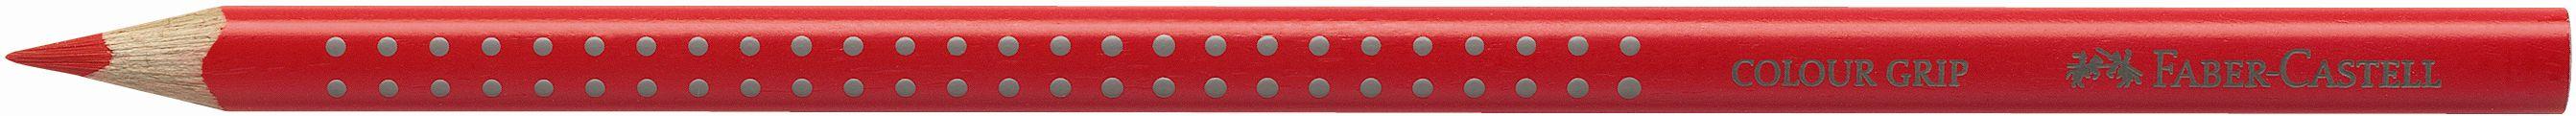 Pastelka Color Grip / 118 šarlatově červená Faber Castell - Akvarelové pastelky Faber Castell - Akvarelové pastelky